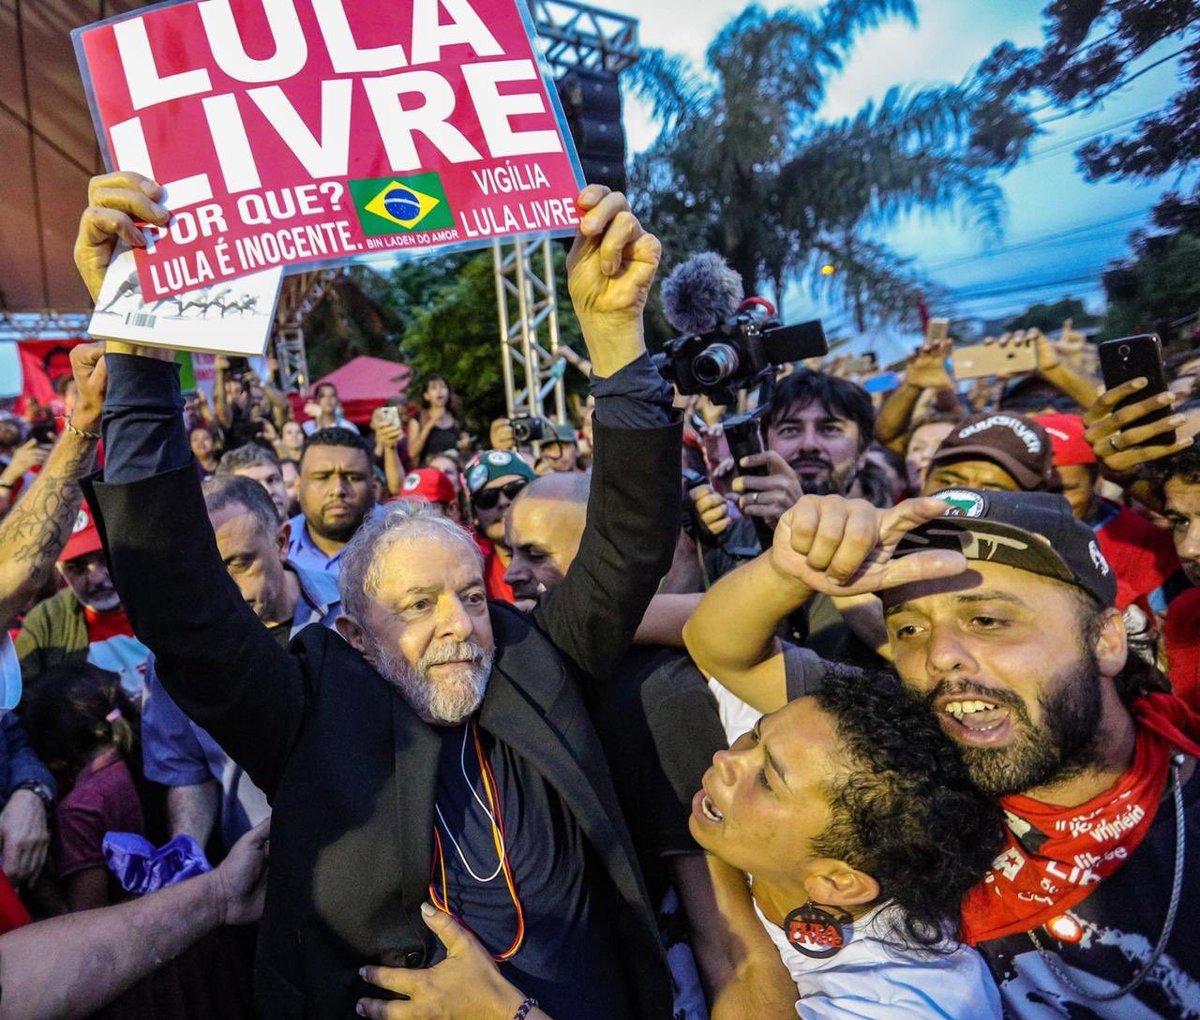 ¡Fraternal y cariñoso abrazo a Lula! Abracémonos y congratulémonos todos por la excarcelación de nuestro compañero y amigo. Un triunfo de la legalidad, justicia y el derecho. Que sea este un paso para que no vuelva a darse la arbitrariedad en la administración de la justicia.